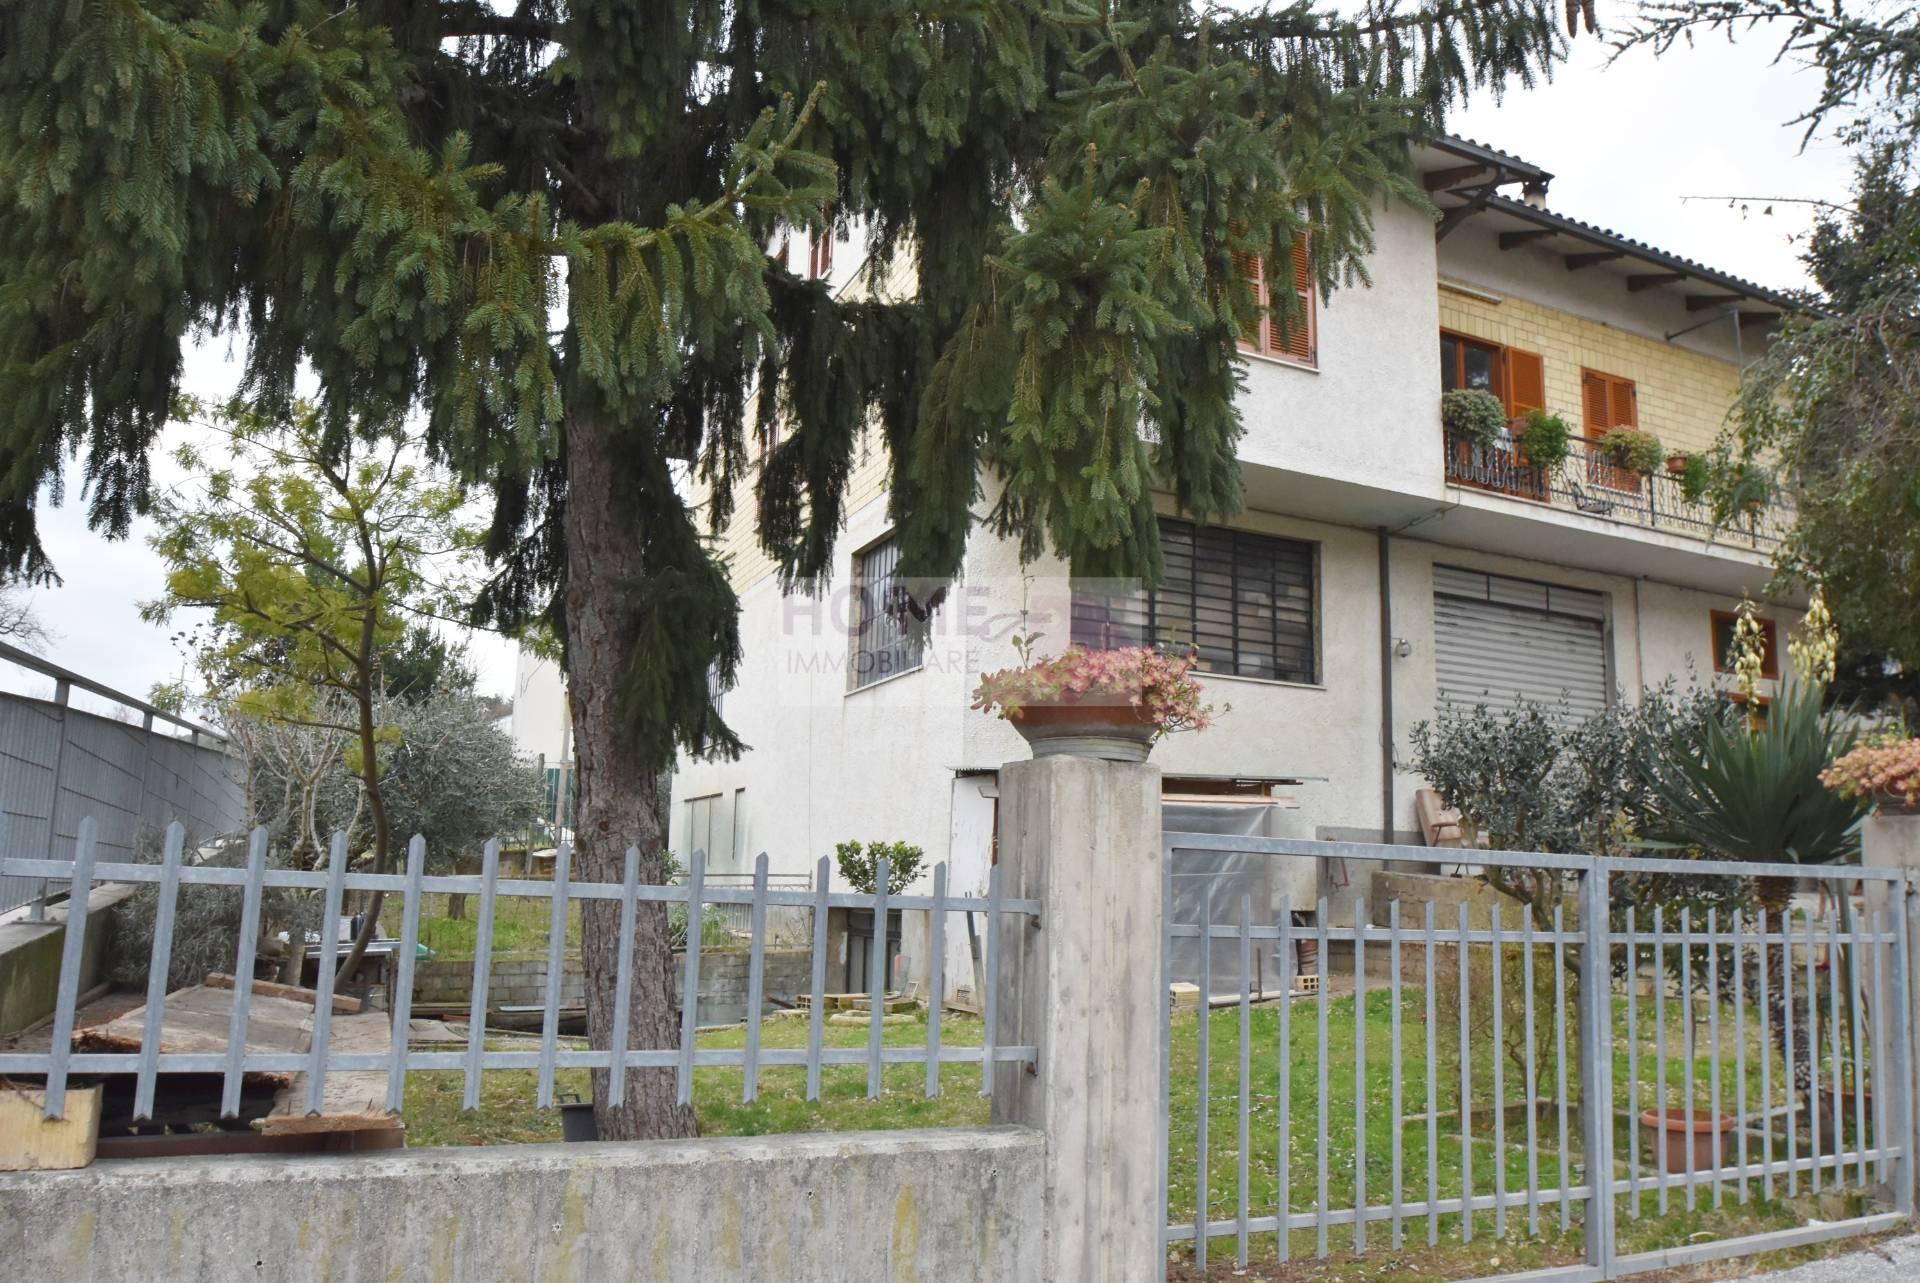 Soluzione Indipendente in vendita a Corridonia, 10 locali, zona Località: zonasemi-centrale, prezzo € 170.000 | Cambio Casa.it